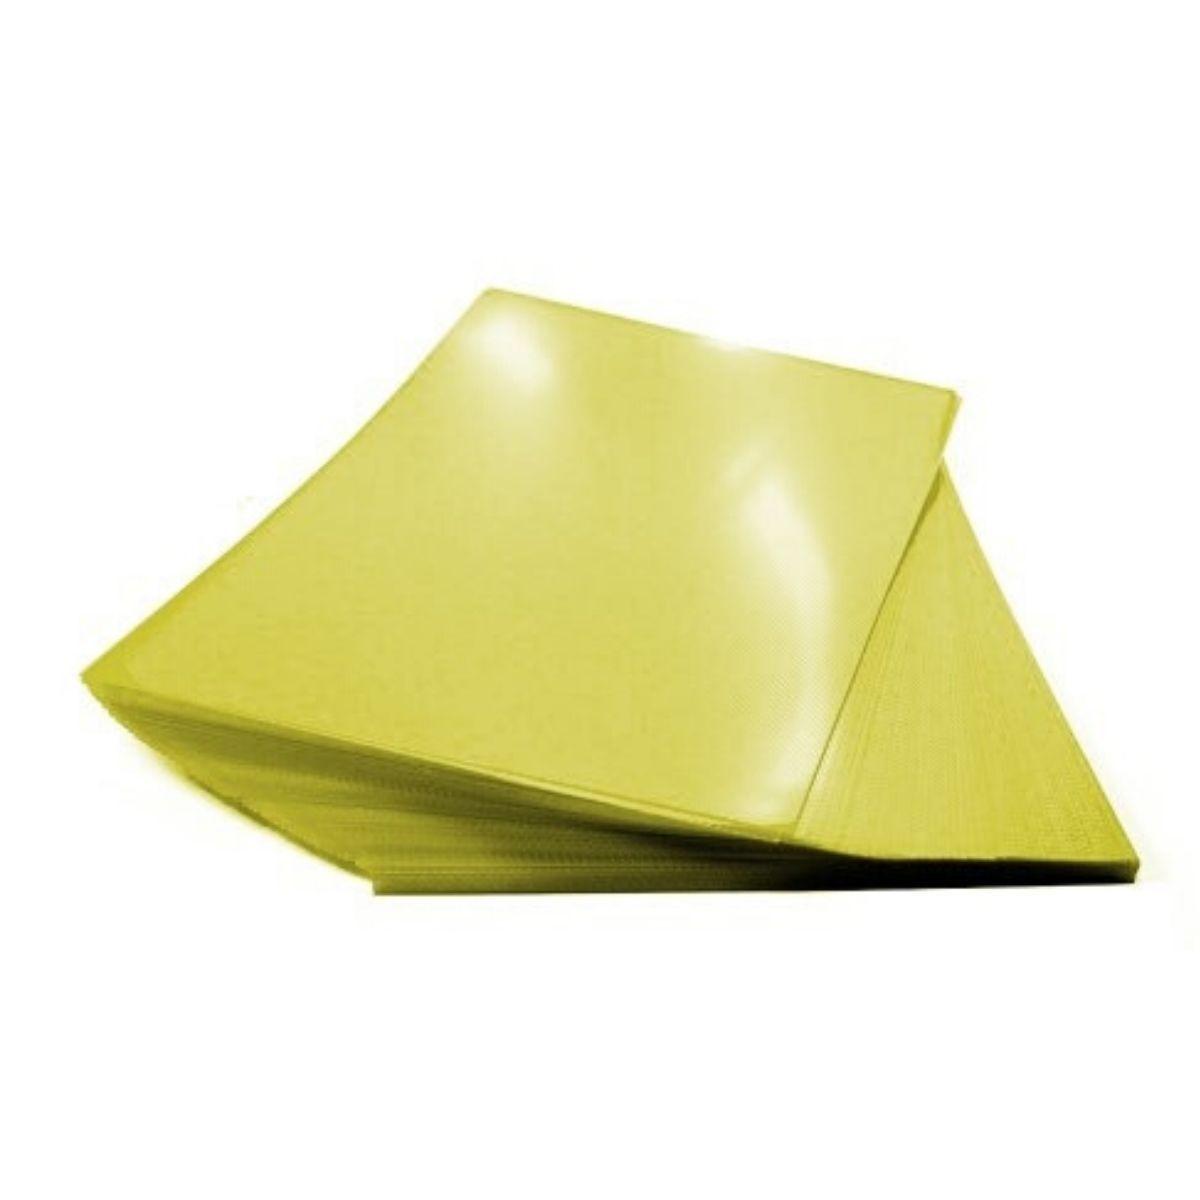 Capa para Encadernação PP 0,30mm A4 Amarela Couro (Fundo) - Pacote com 100 unidades  - Click Suprimentos